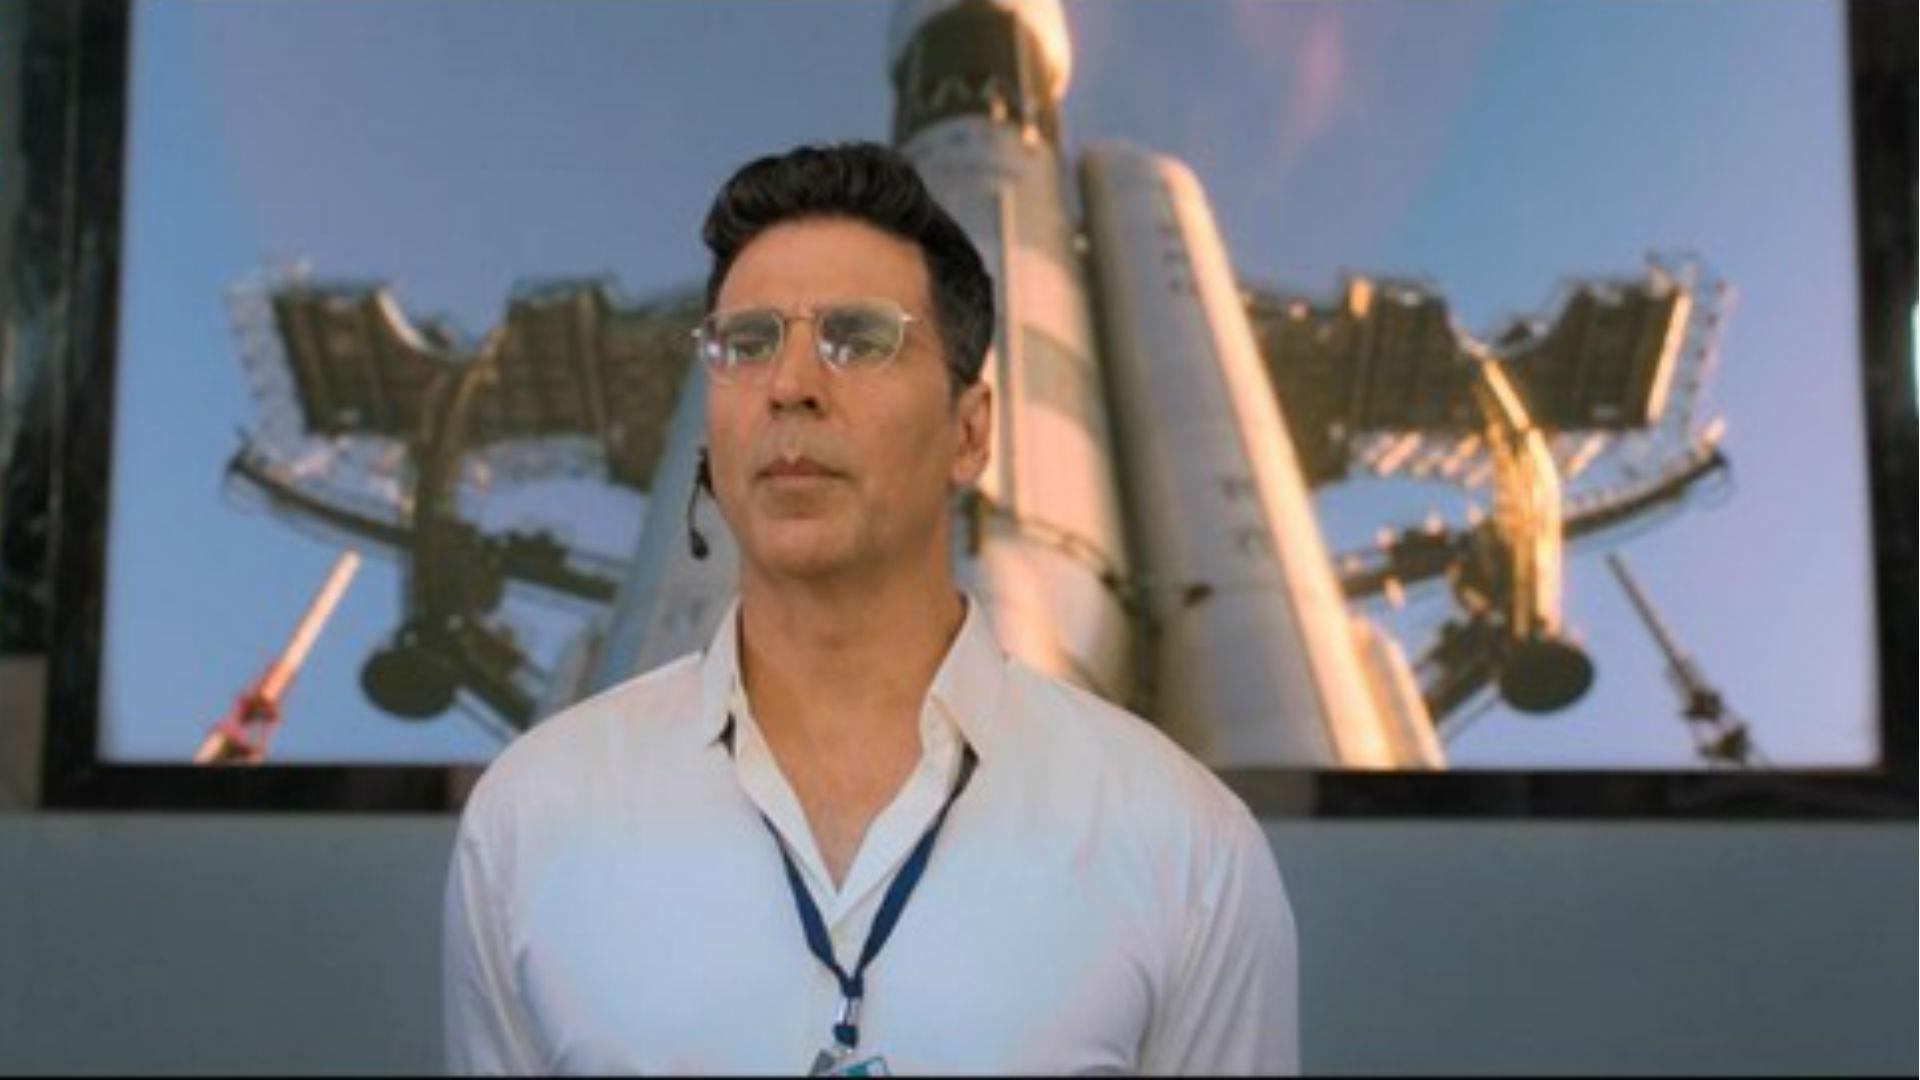 Mission Mangal Movie: फिल्म का टीजर लॉन्च, मिशन मंगल की तैयारी में दिखे अक्षय कुमार-विद्या बालन-तापसी पन्नू